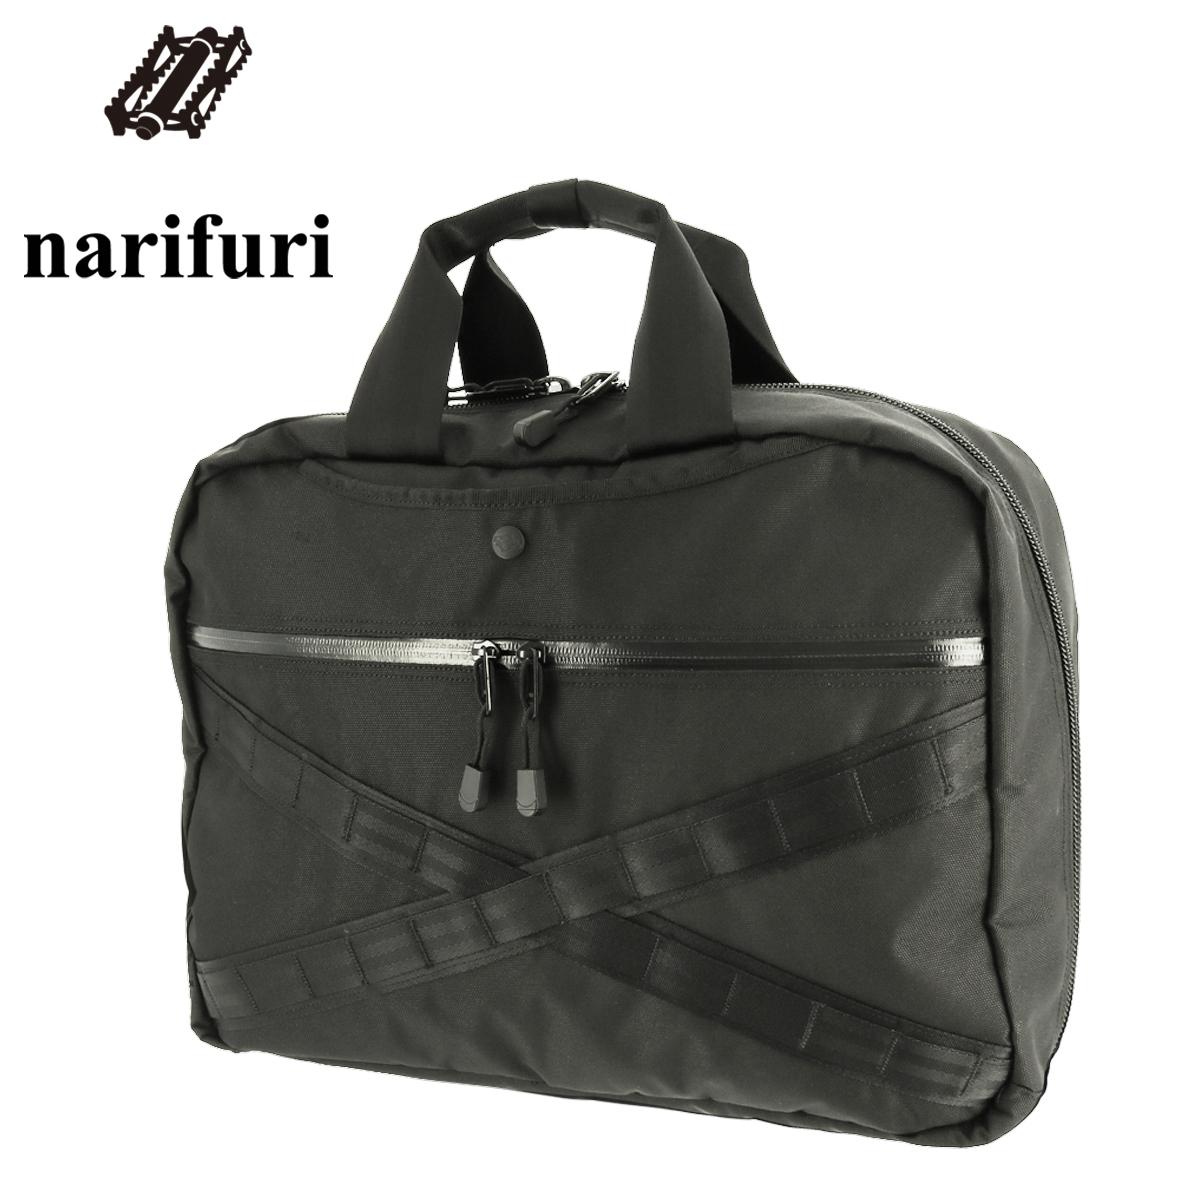 ナリフリ ショルダーバッグ 2WAY タクティカル メンズ NF948 narifuri | メッセンジャーバッグ ビジネスバッグ 防水[PO10][bef]